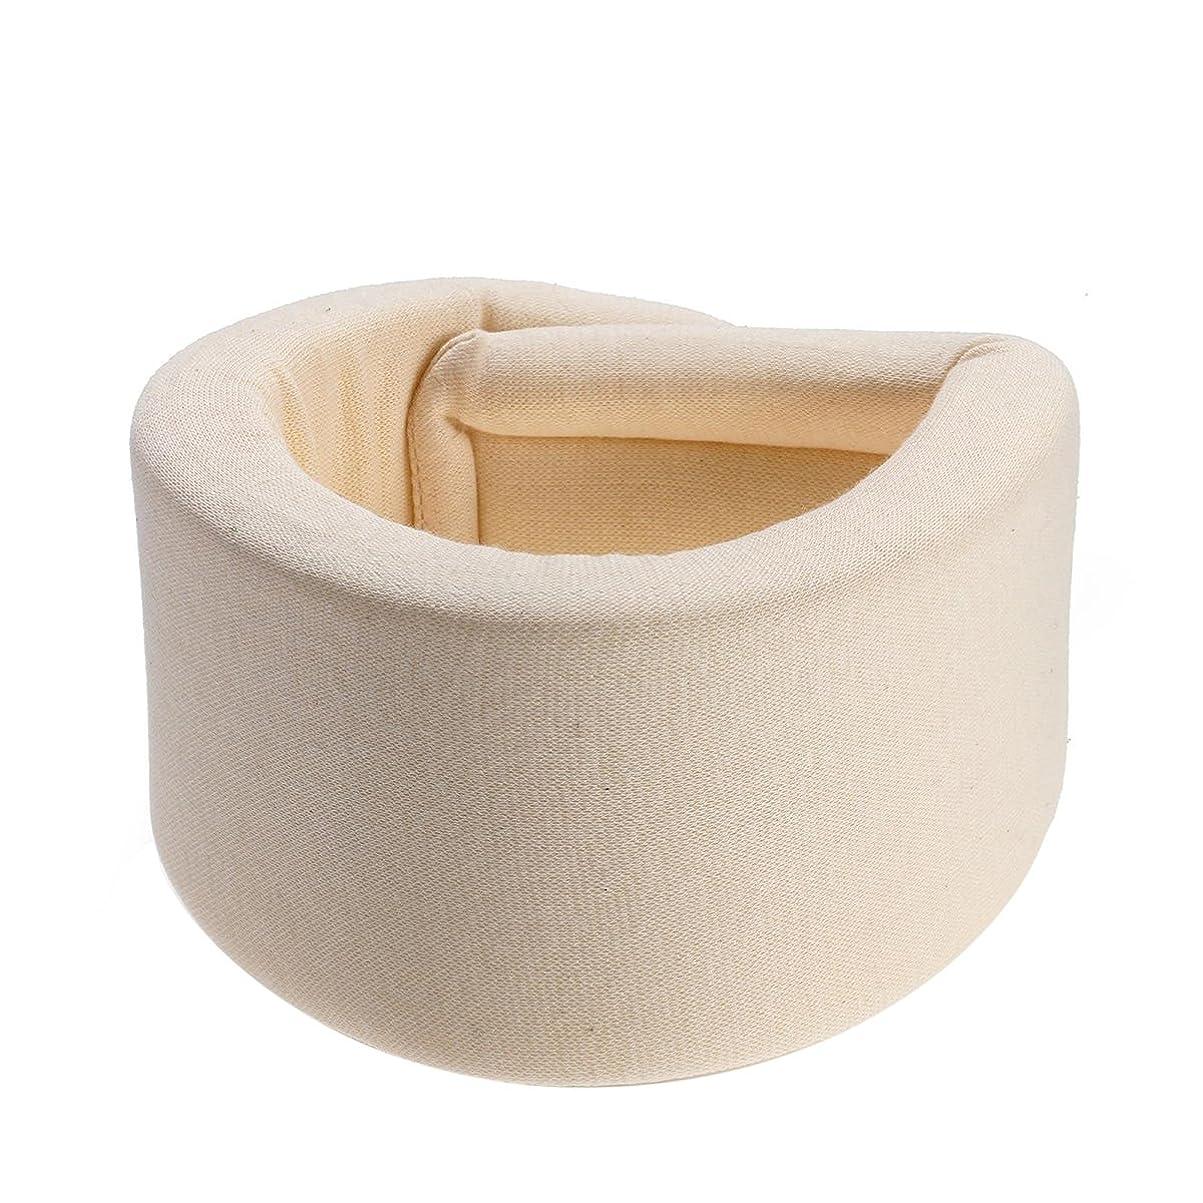 役に立つ湿度ファンシーSUPVOX ソフトネックブレースサポートスポンジ頚部襟堅い首の痛みを軽減首ヘルスケア(ベージュ) - サイズXL